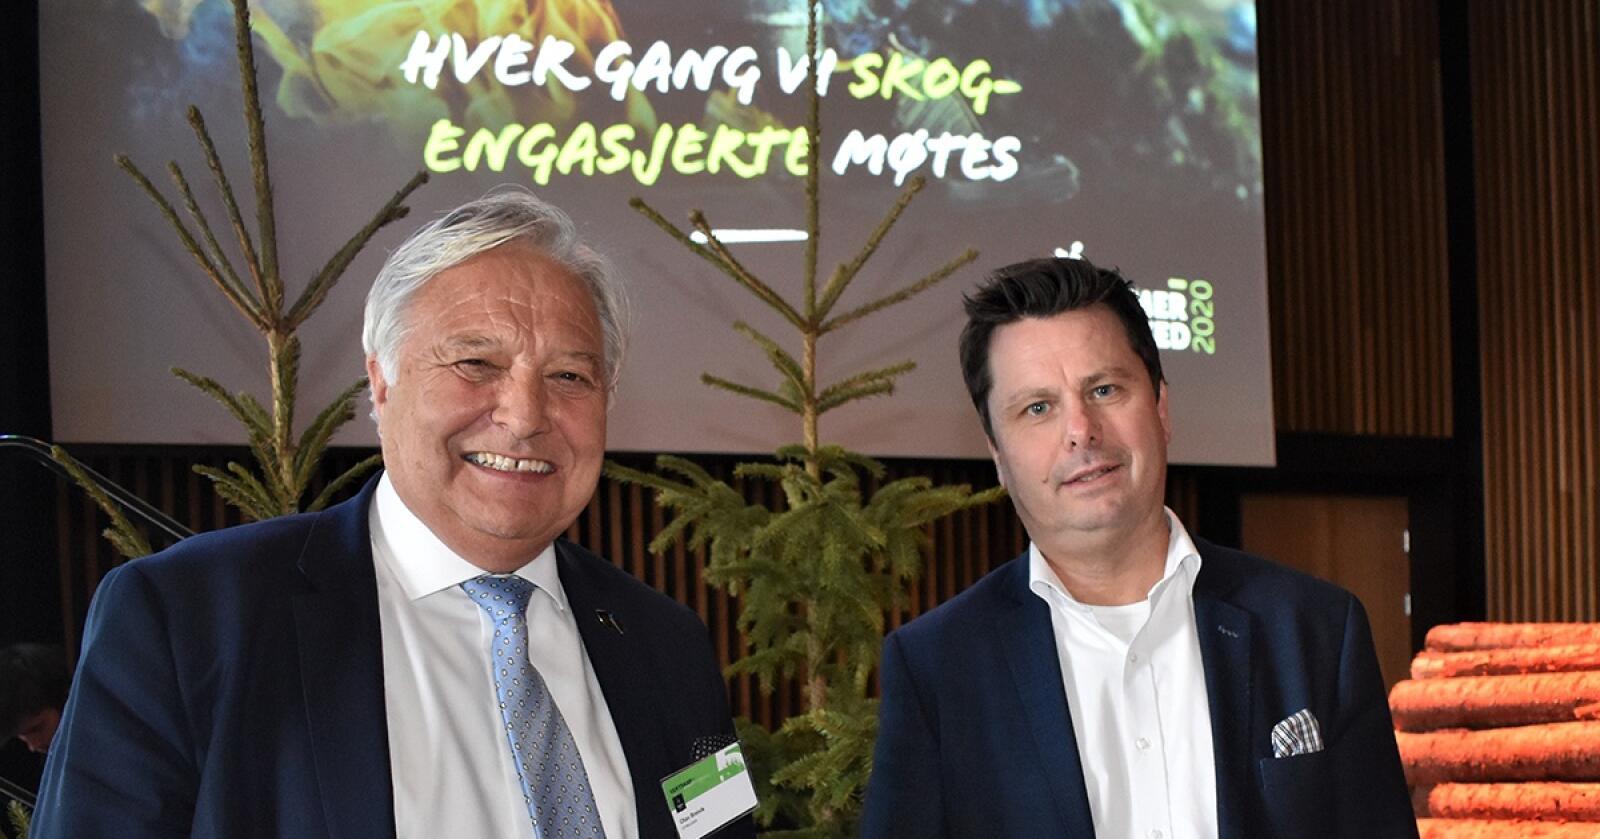 Fornøyde: Styreleder Terje Breivik og daglig leder Tor Henrik Kristiansen (t.h.) i Viken Skog konstaterer at Viken Skog leverte overskudd i 2020 – til tross for koronaen. Foto: Viken Skog